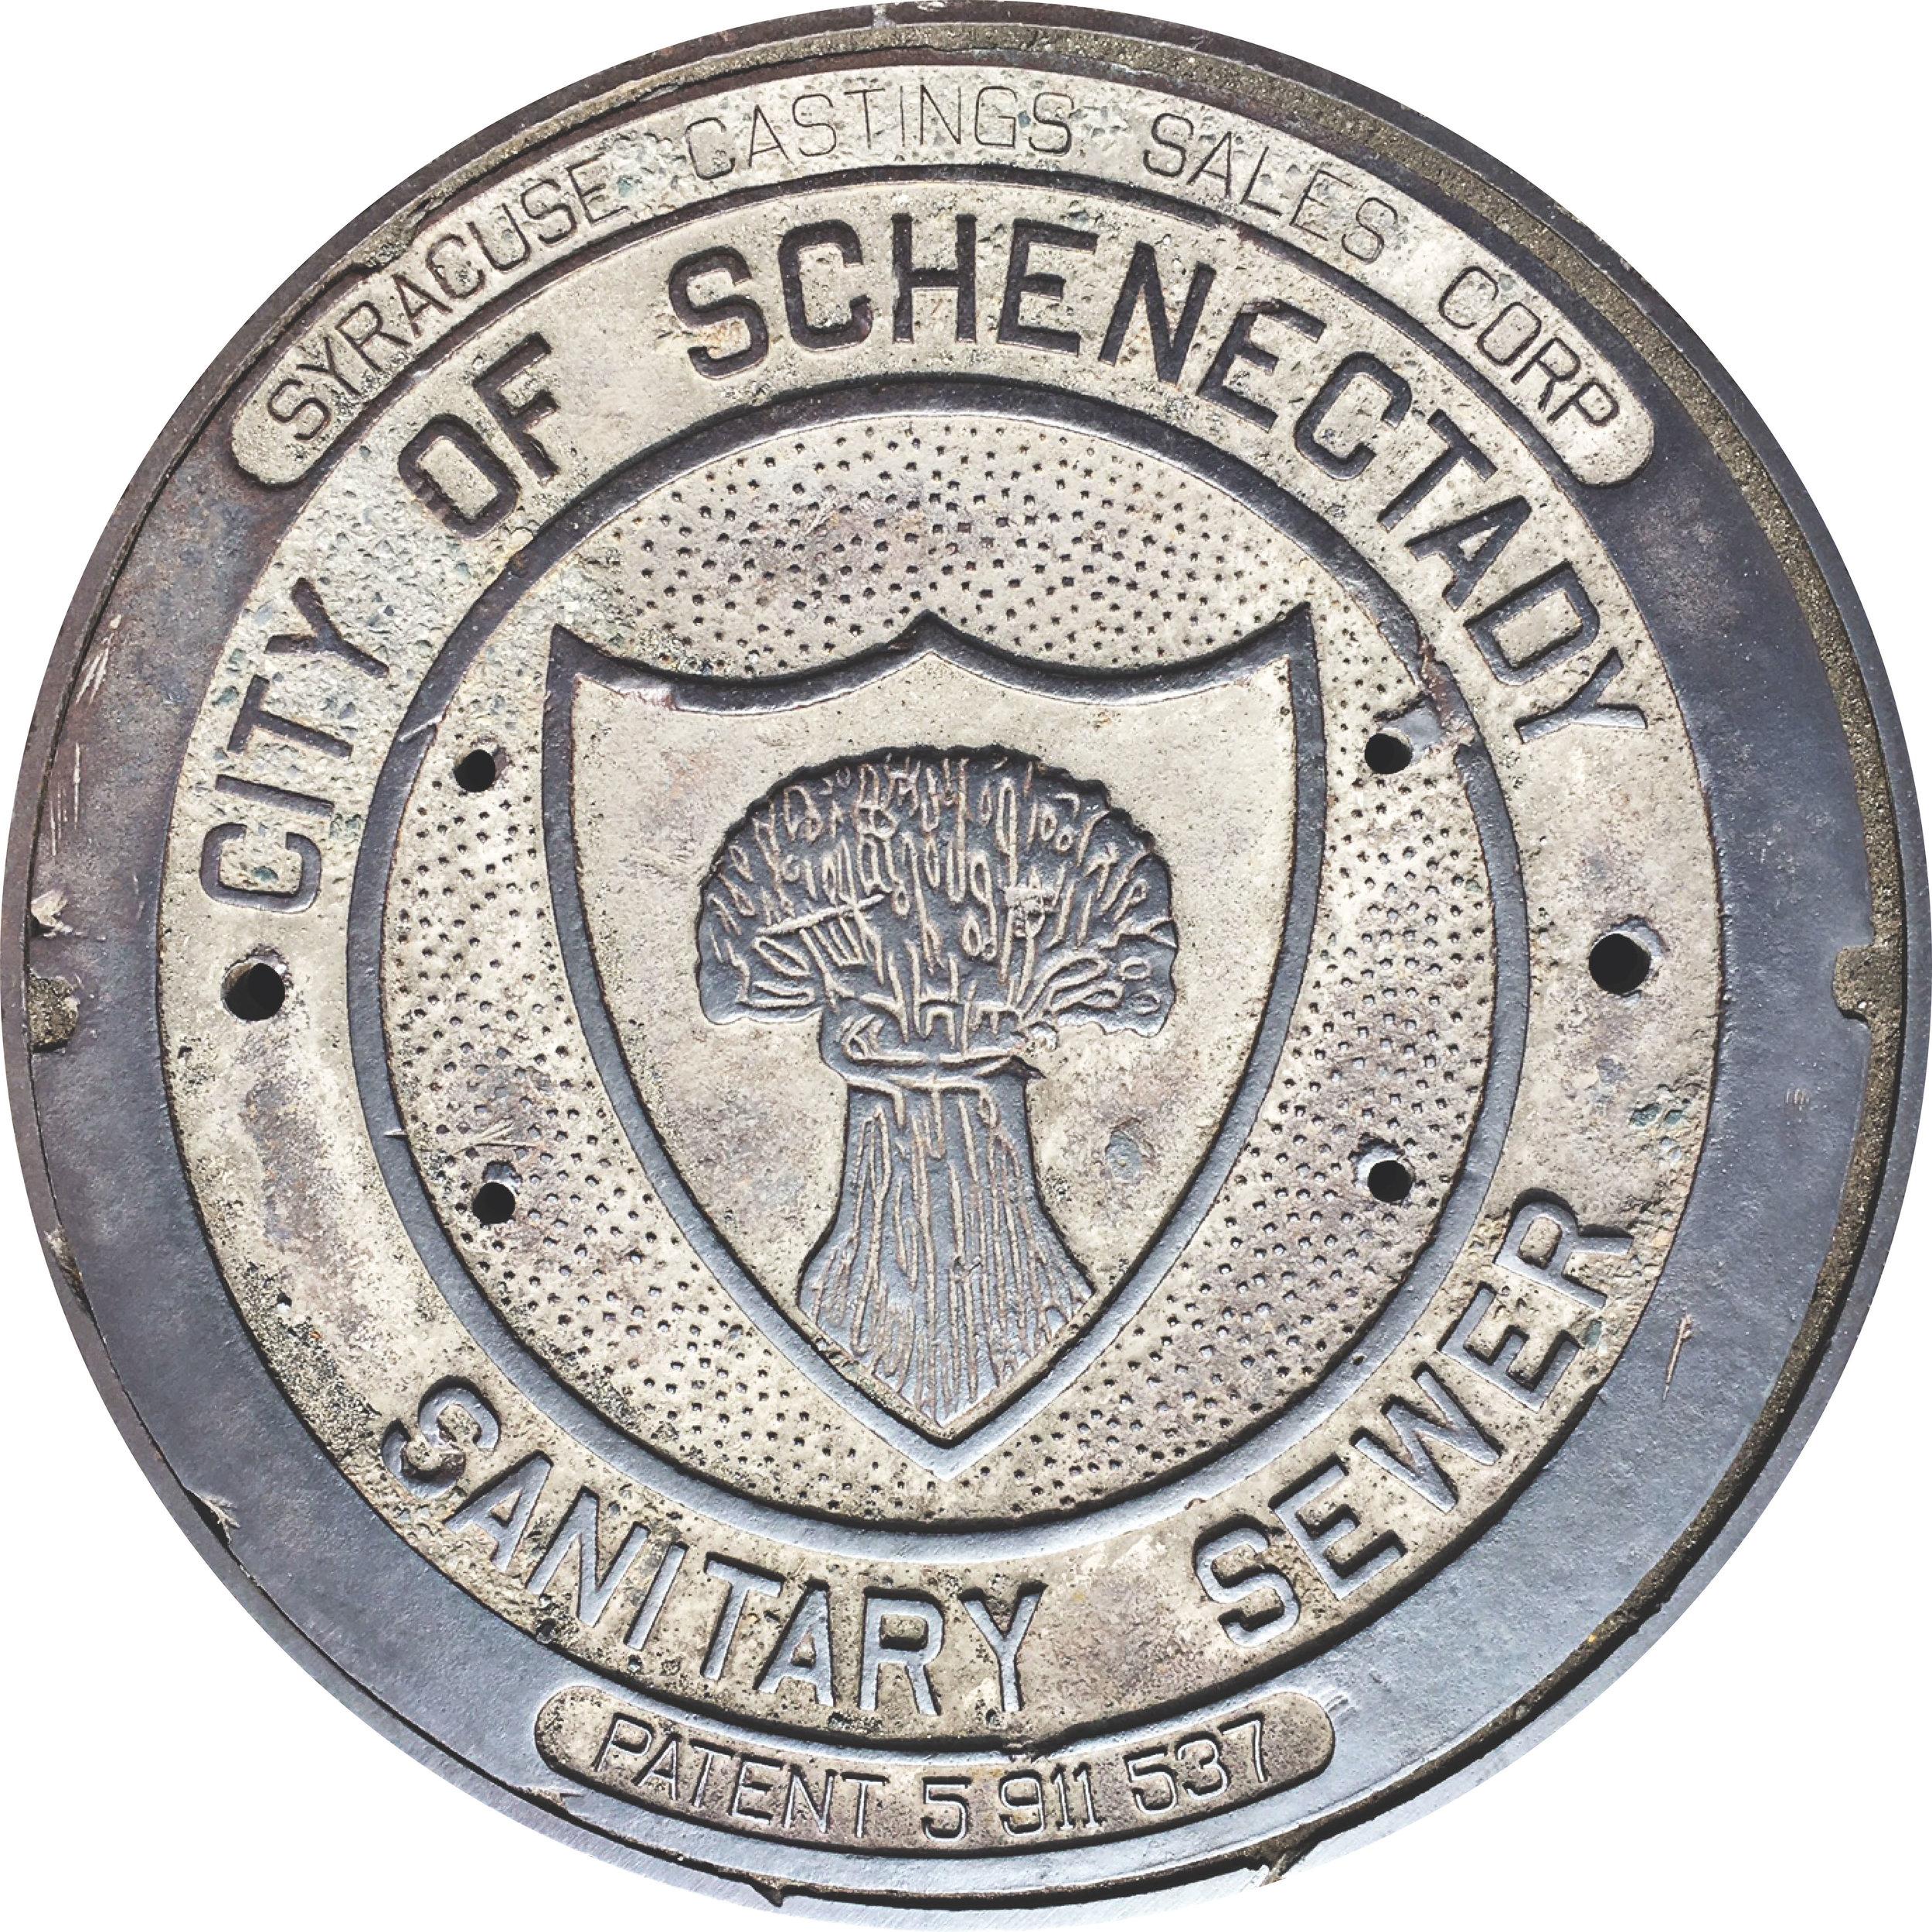 City Of Schenectady.jpg